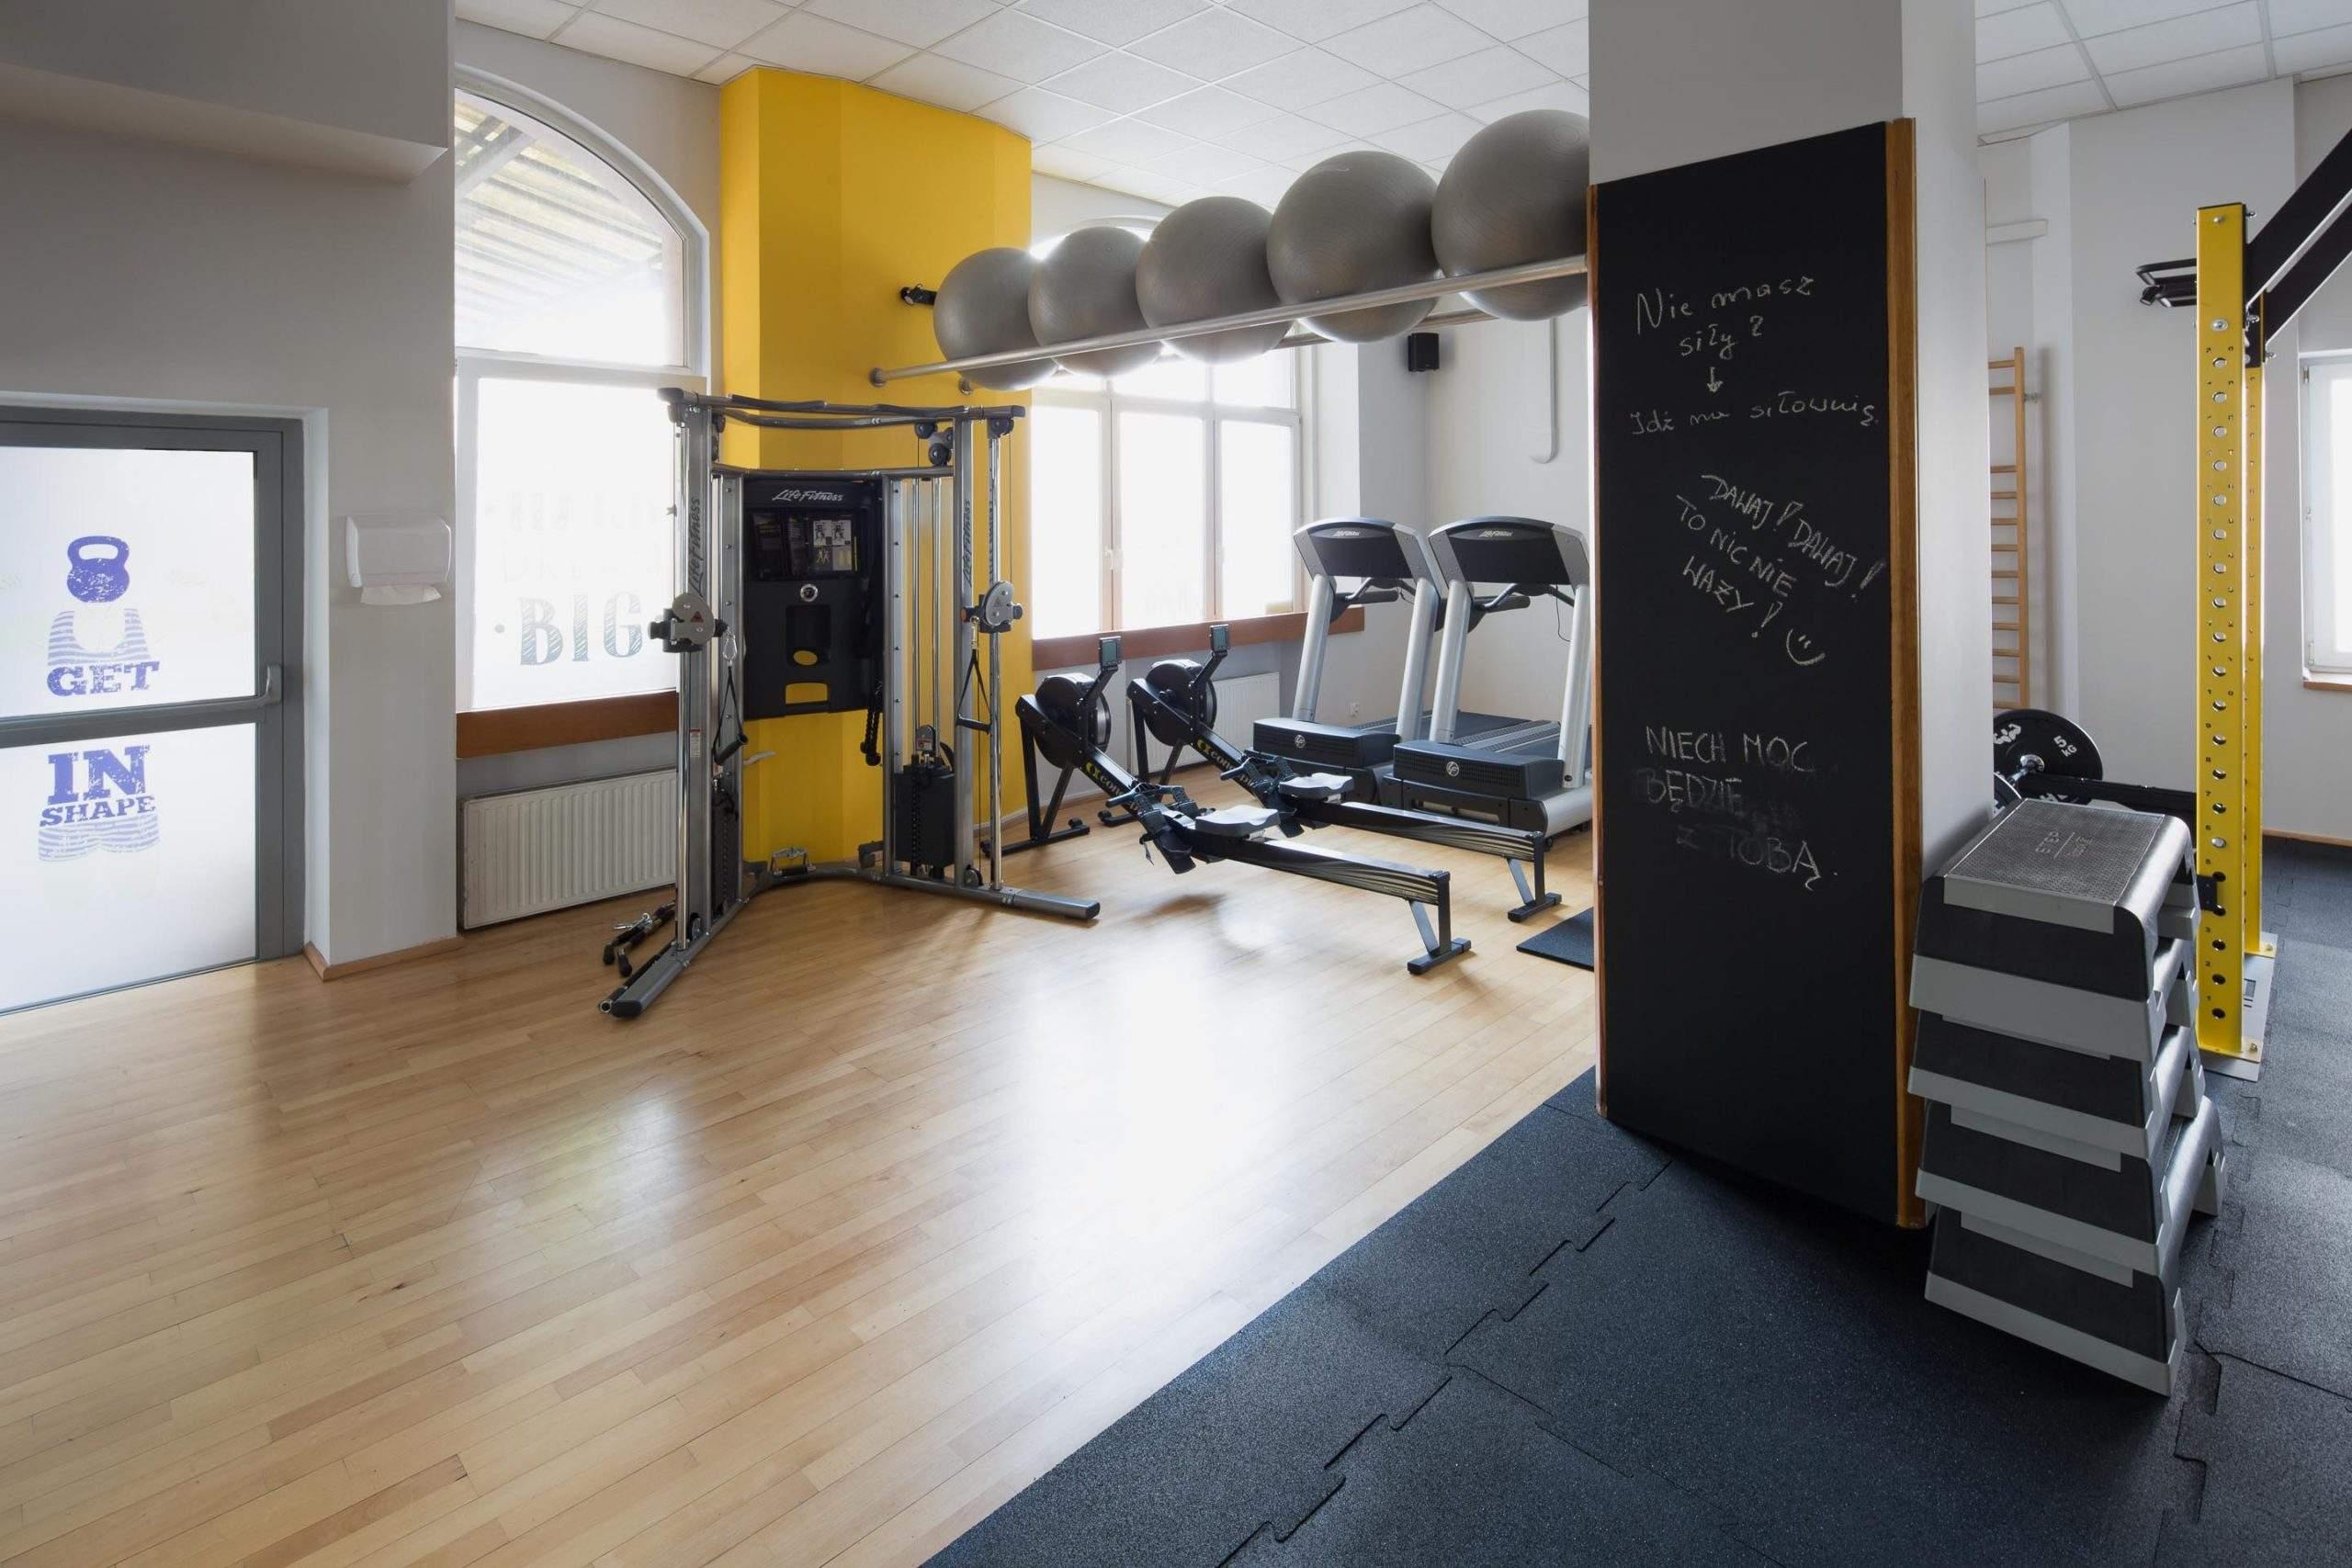 Przestronne i urządzone w dobrym guście centrum treningu personalnego RehaFit.